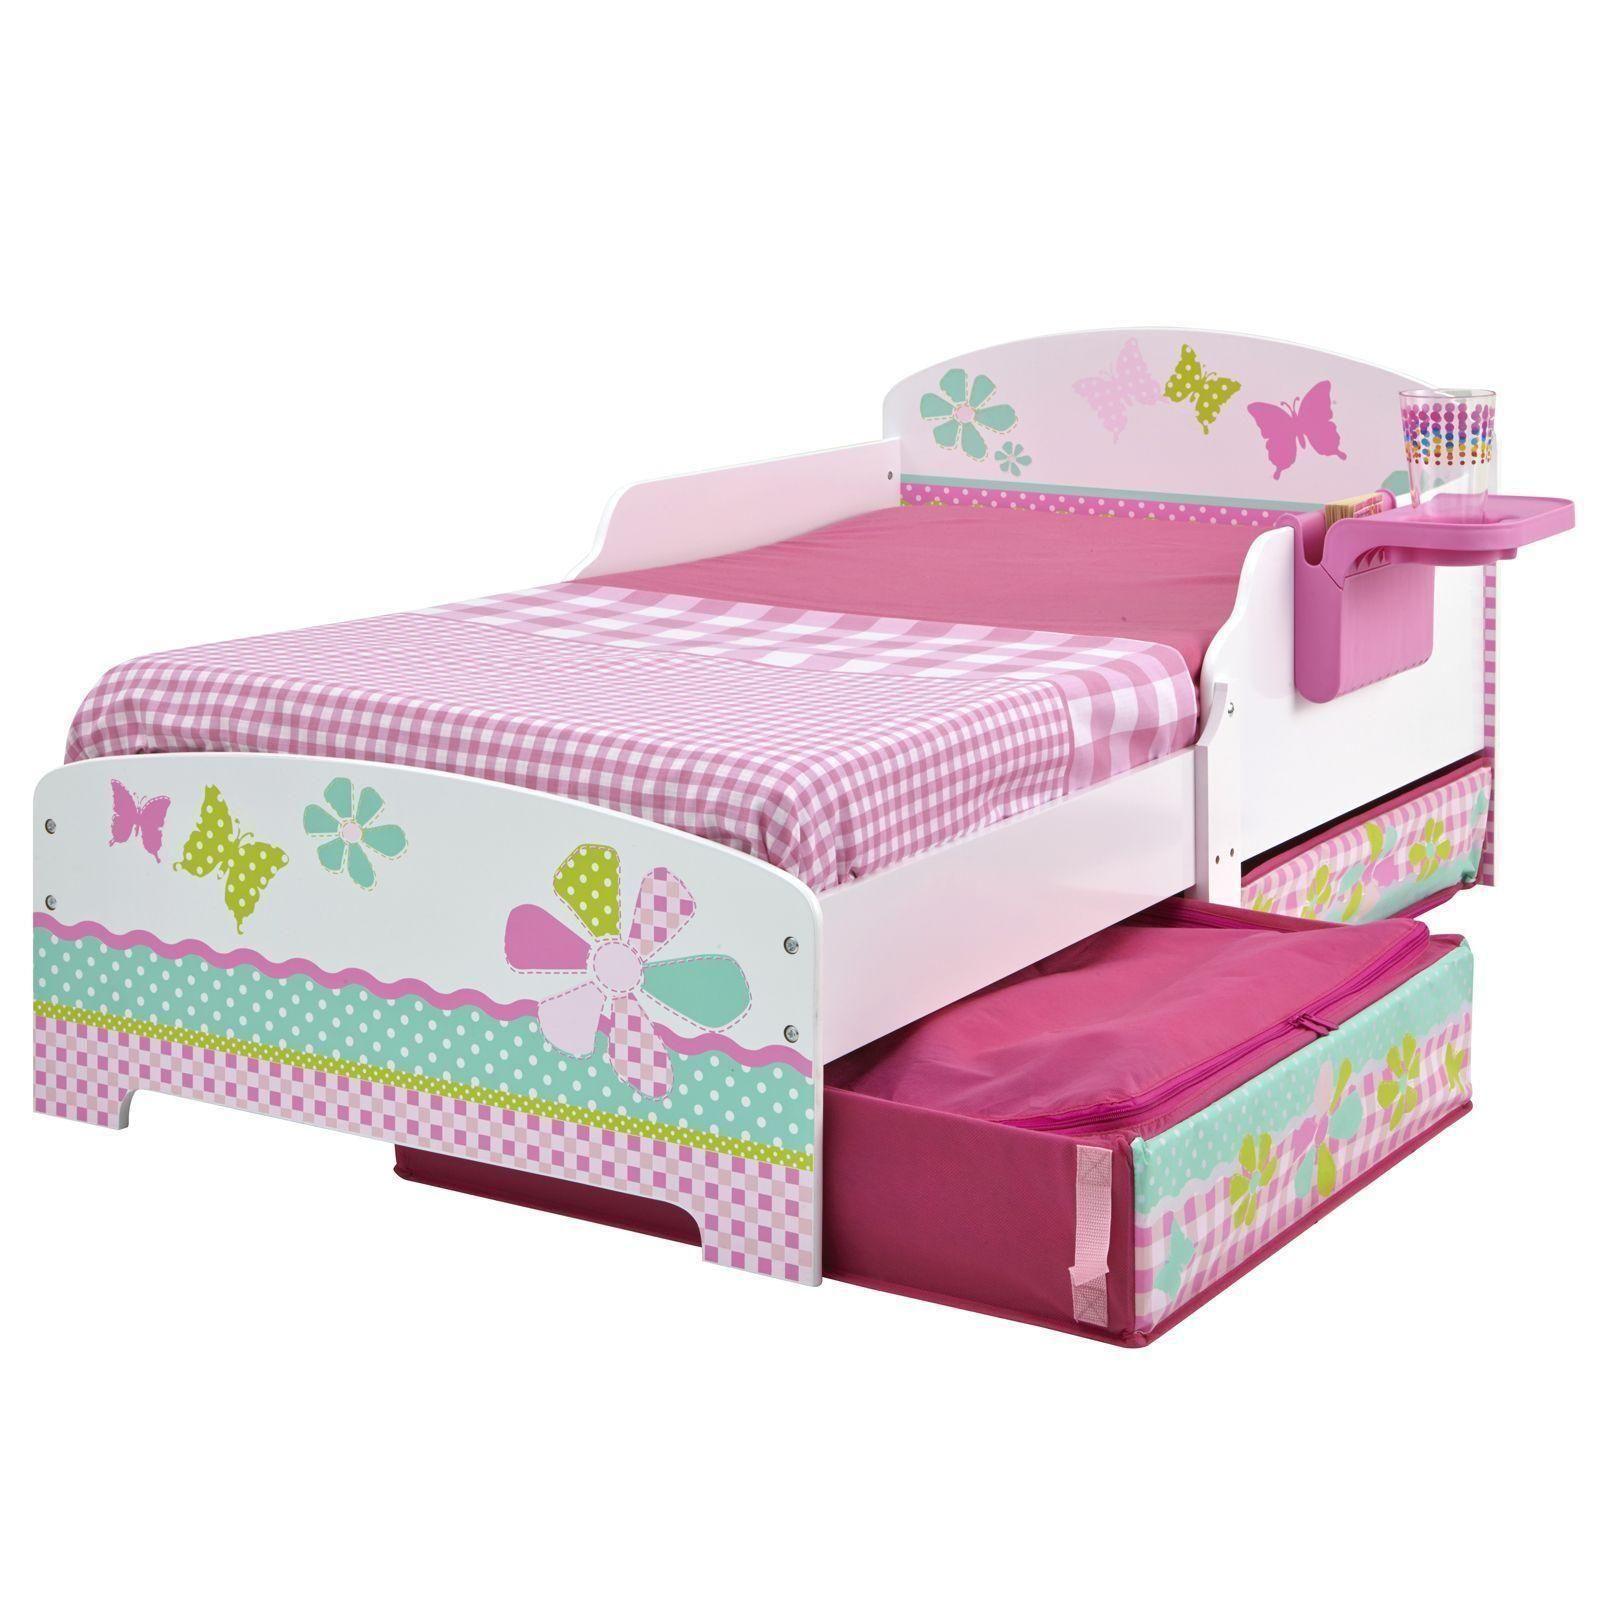 m dchen blumen schmetterlinge kleinkind bett mit ablage aufbewahrungs ebay. Black Bedroom Furniture Sets. Home Design Ideas